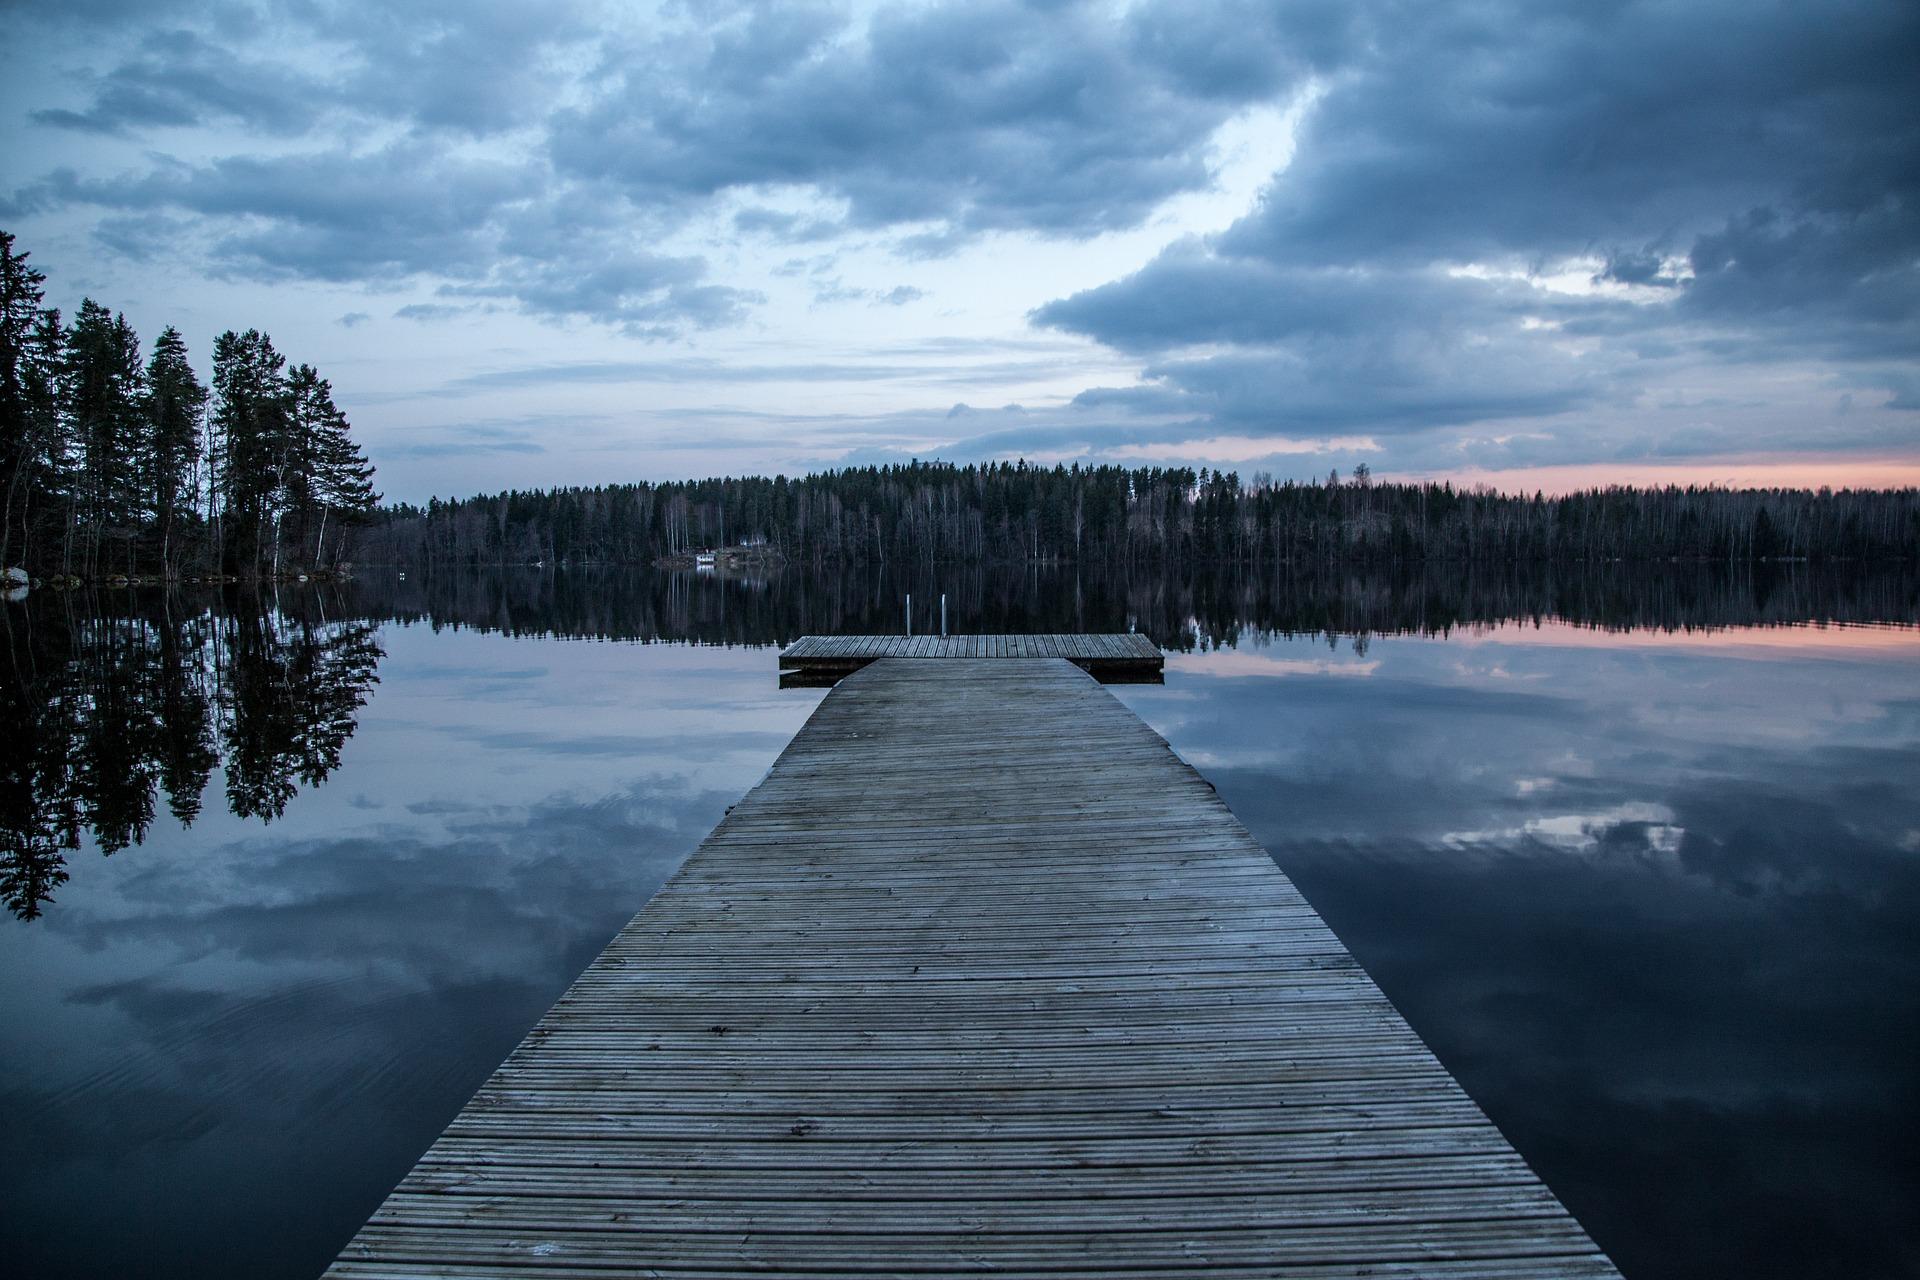 dock-1365387_1920 (1)